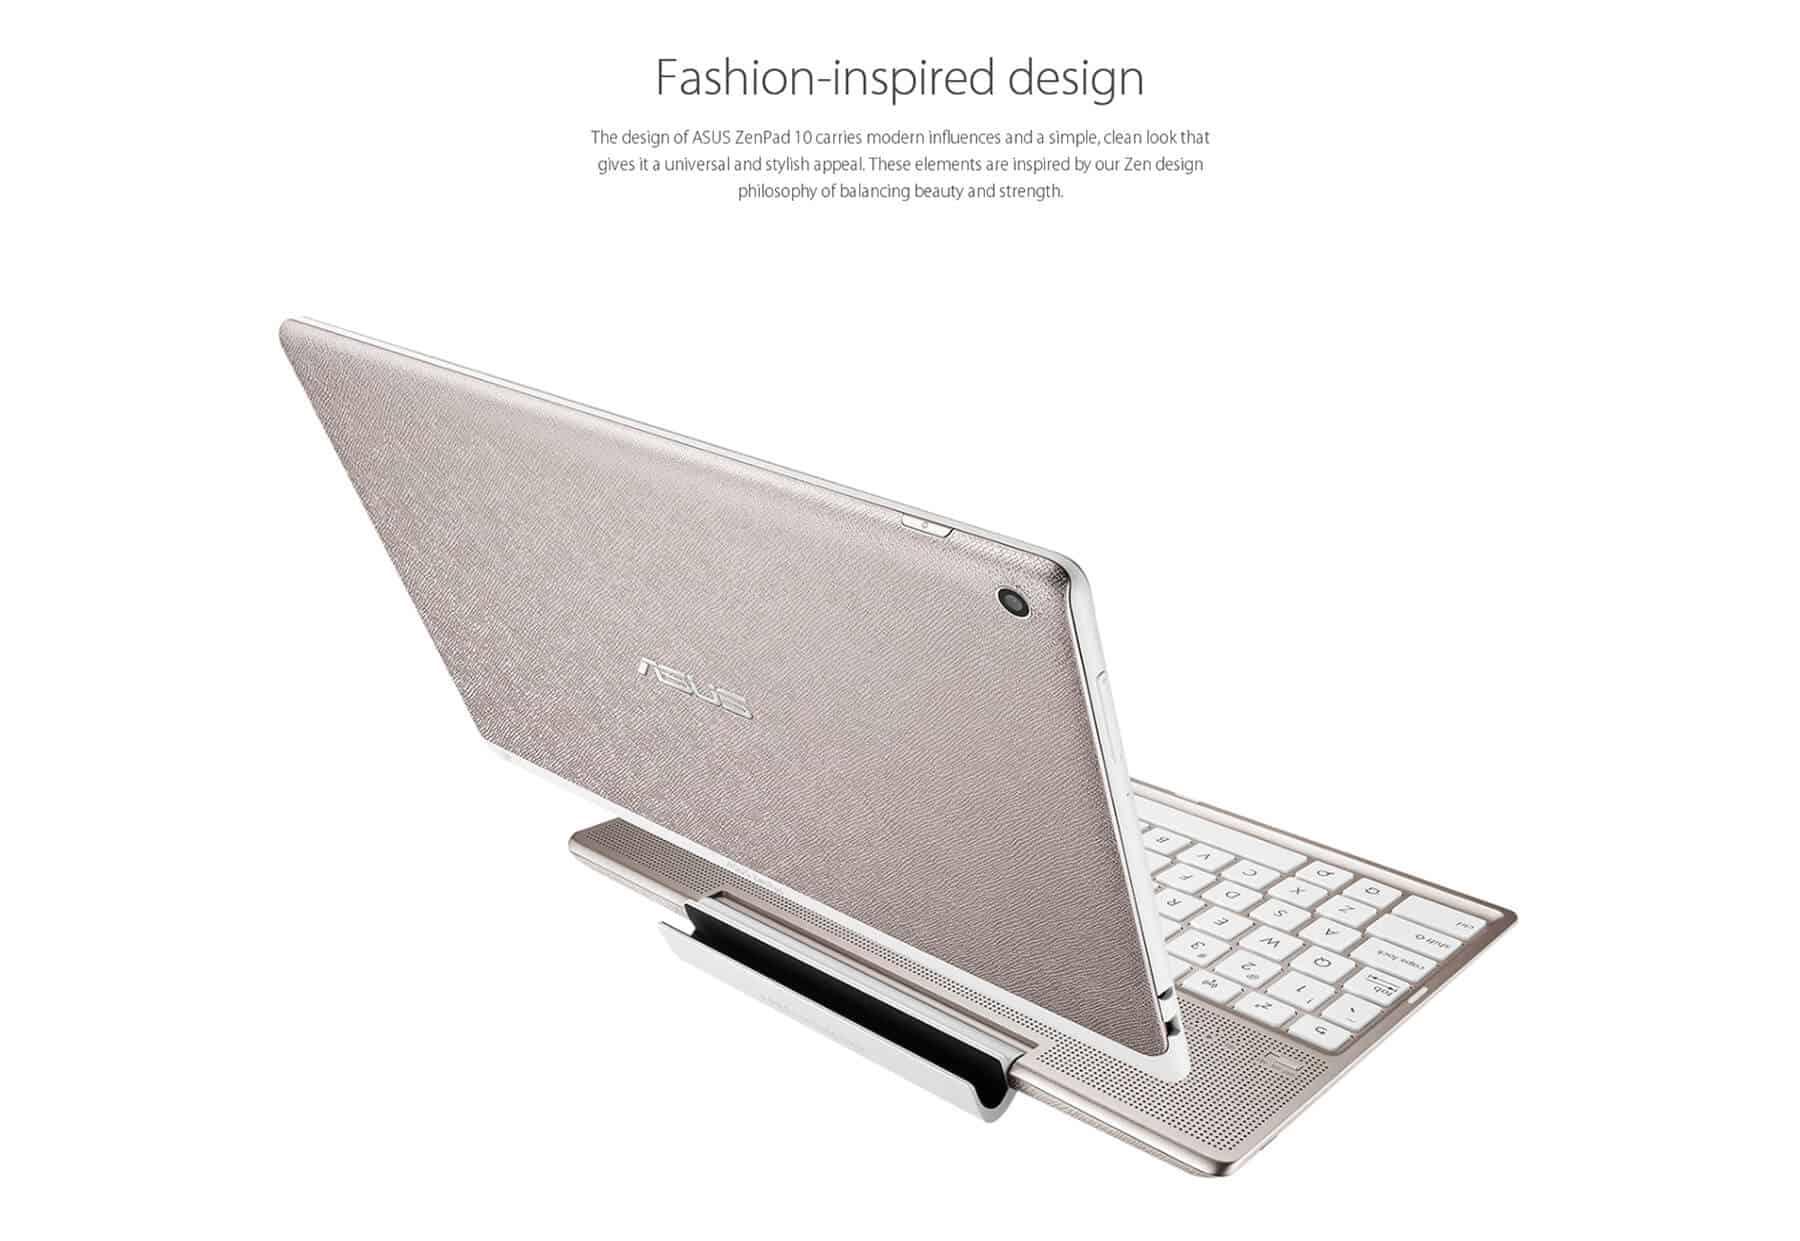 GearBest ASUS ZenPad 10 Z300C (2)